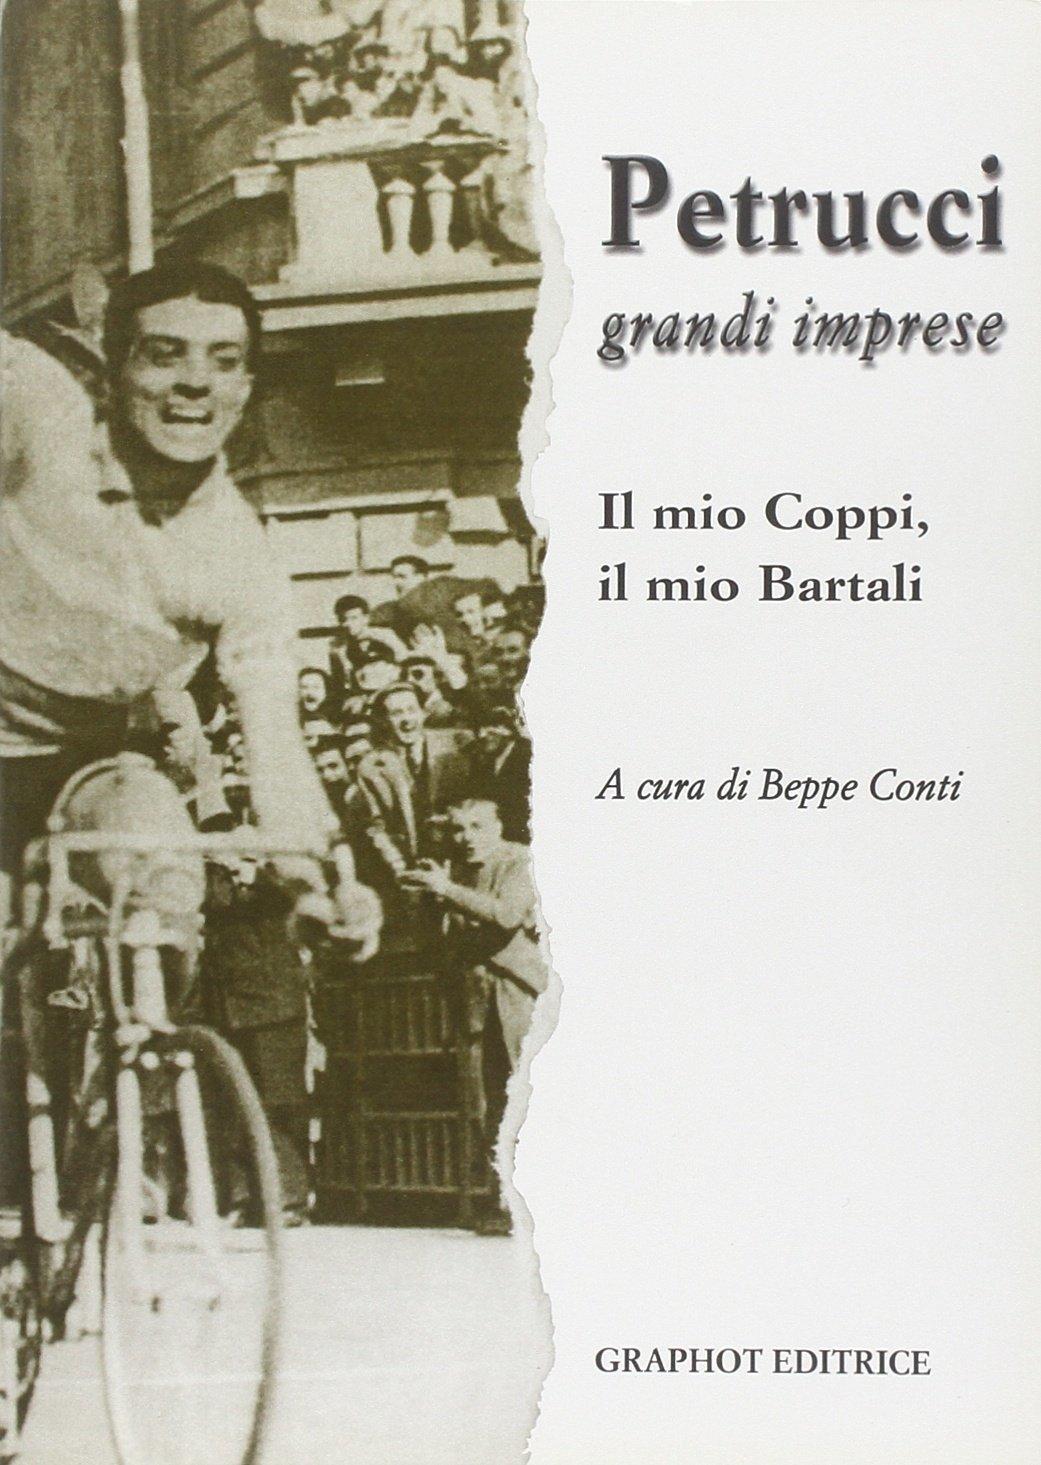 Beppe Conti - Petrucci grandi imprese LIB0067